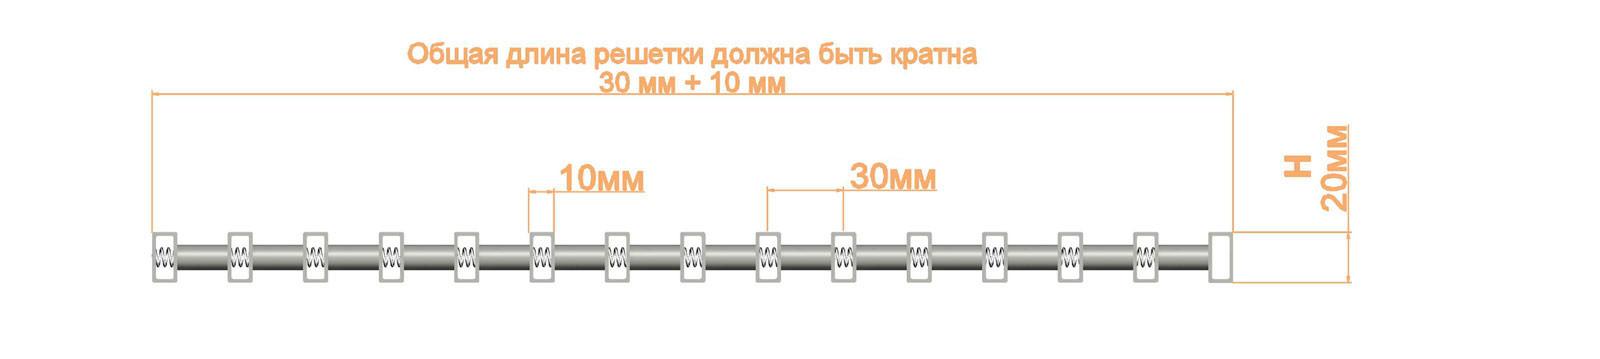 20.10.20.06.jpg